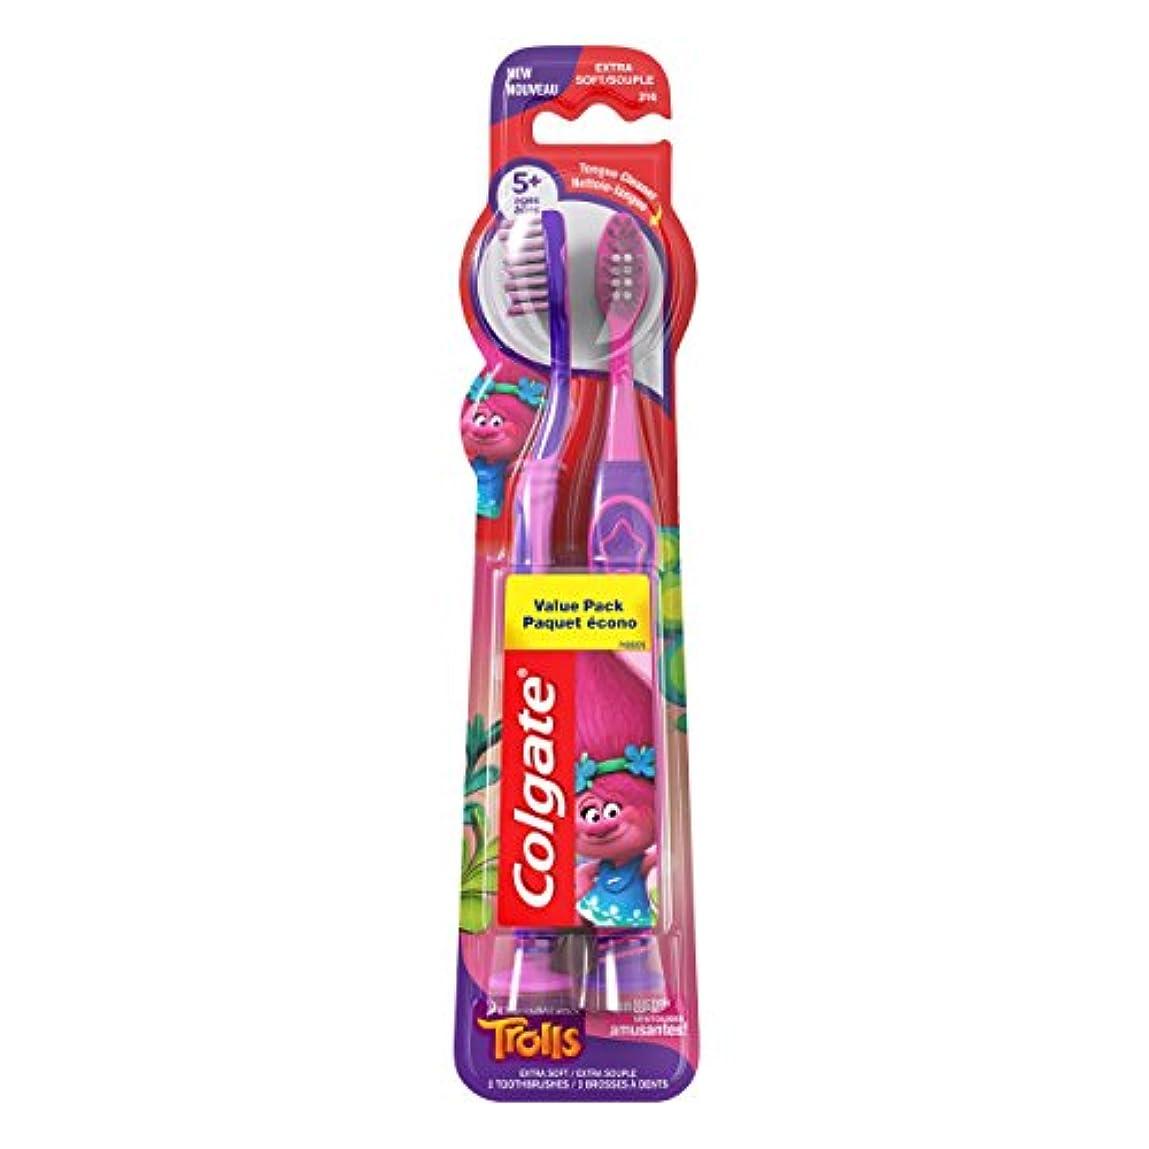 ヨーロッパ透けて見える確かなColgate キッズ歯ブラシ、トロルバリューパック、エクストラソフト、2カウント